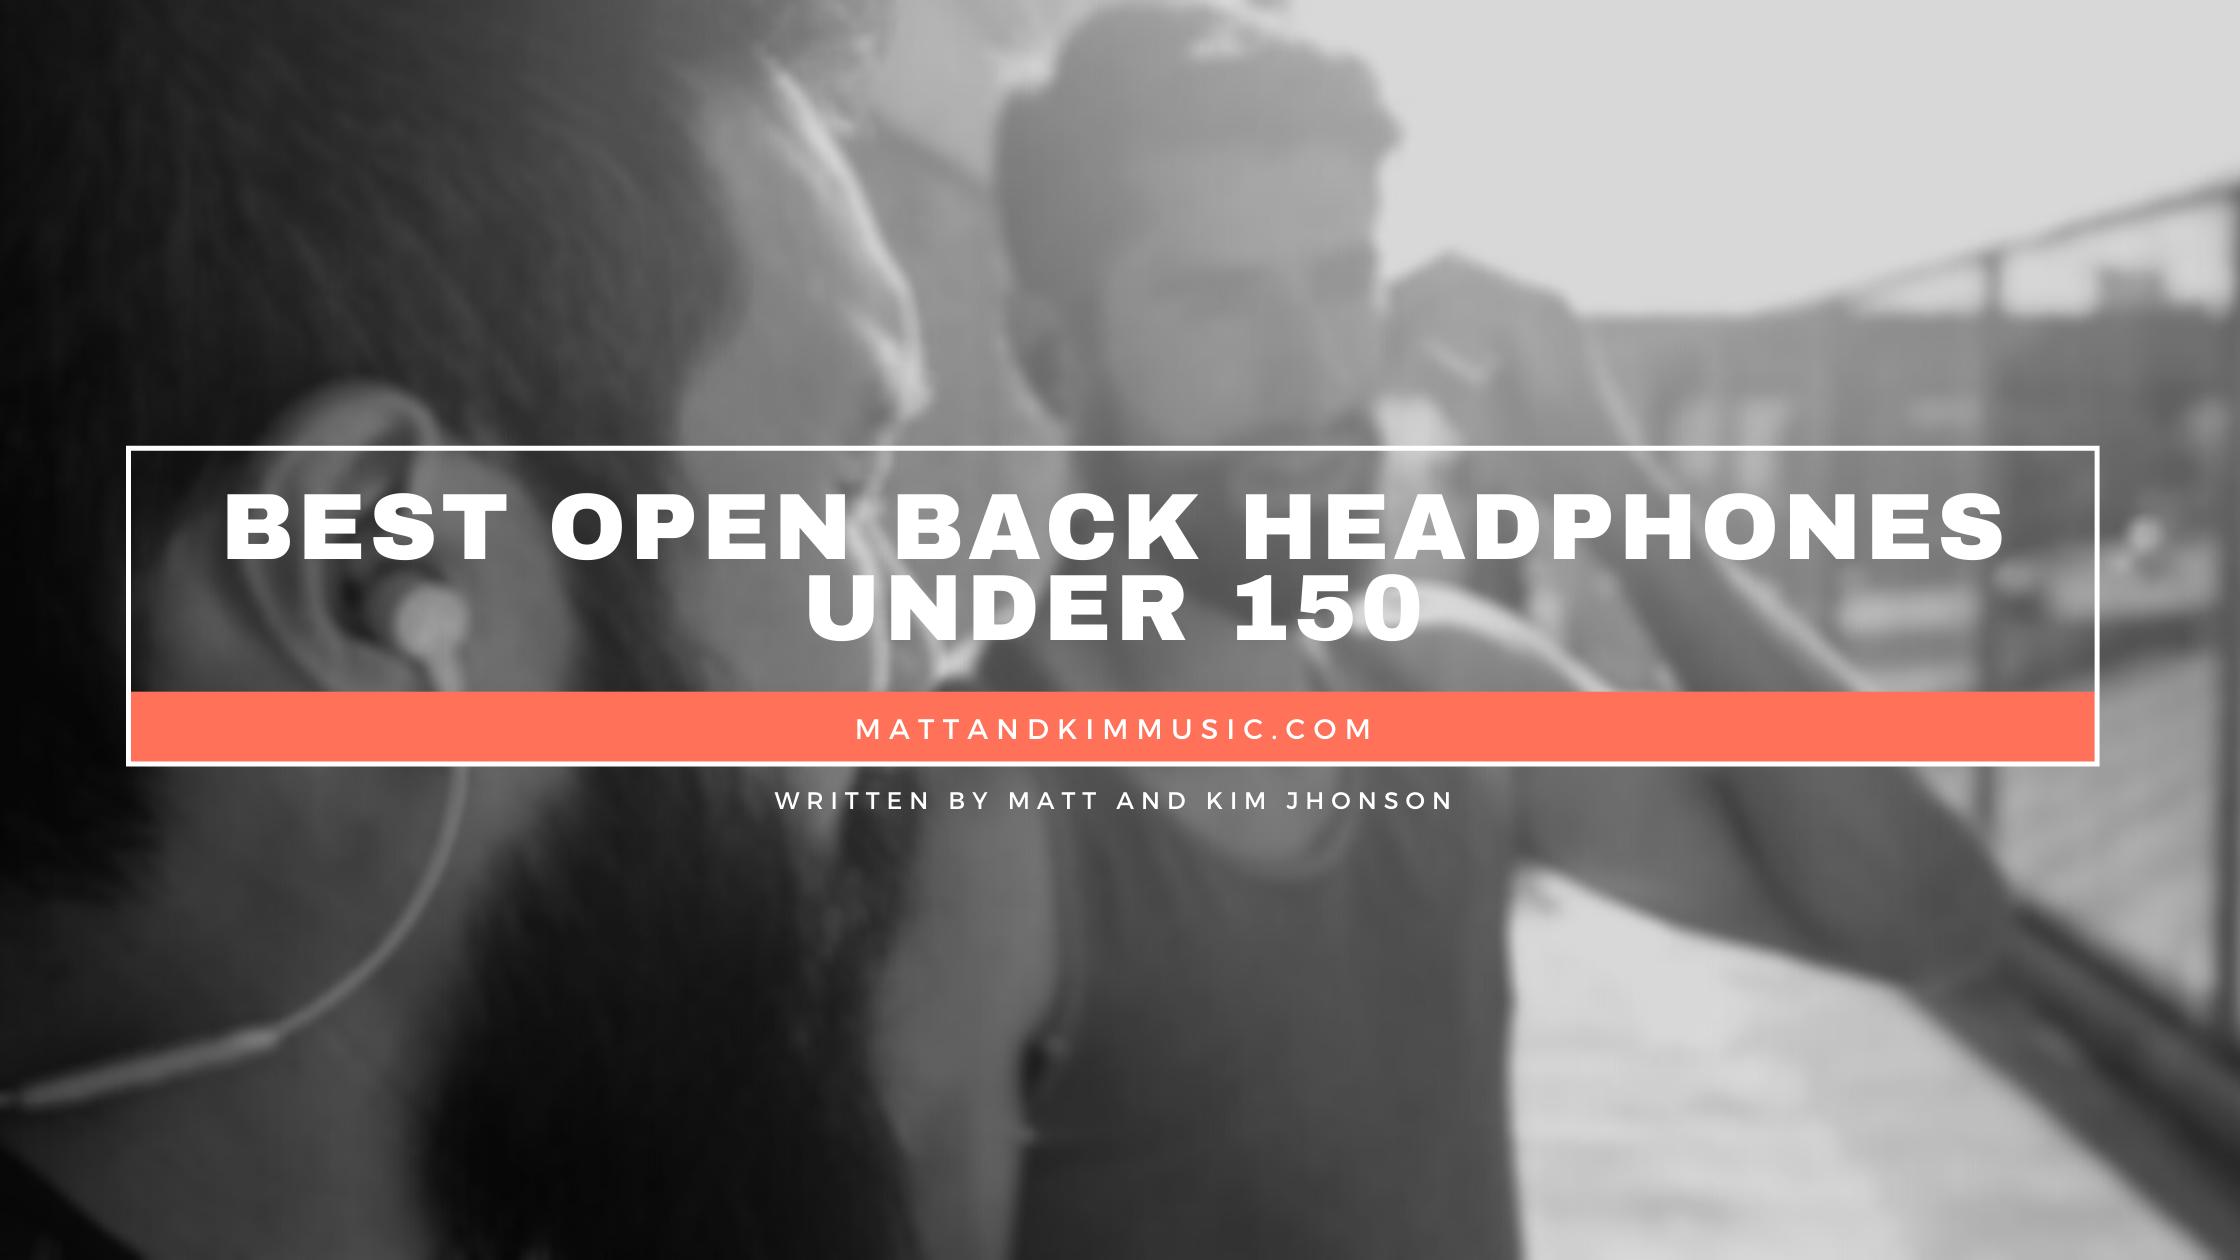 Best Open Back Headphones Under 150